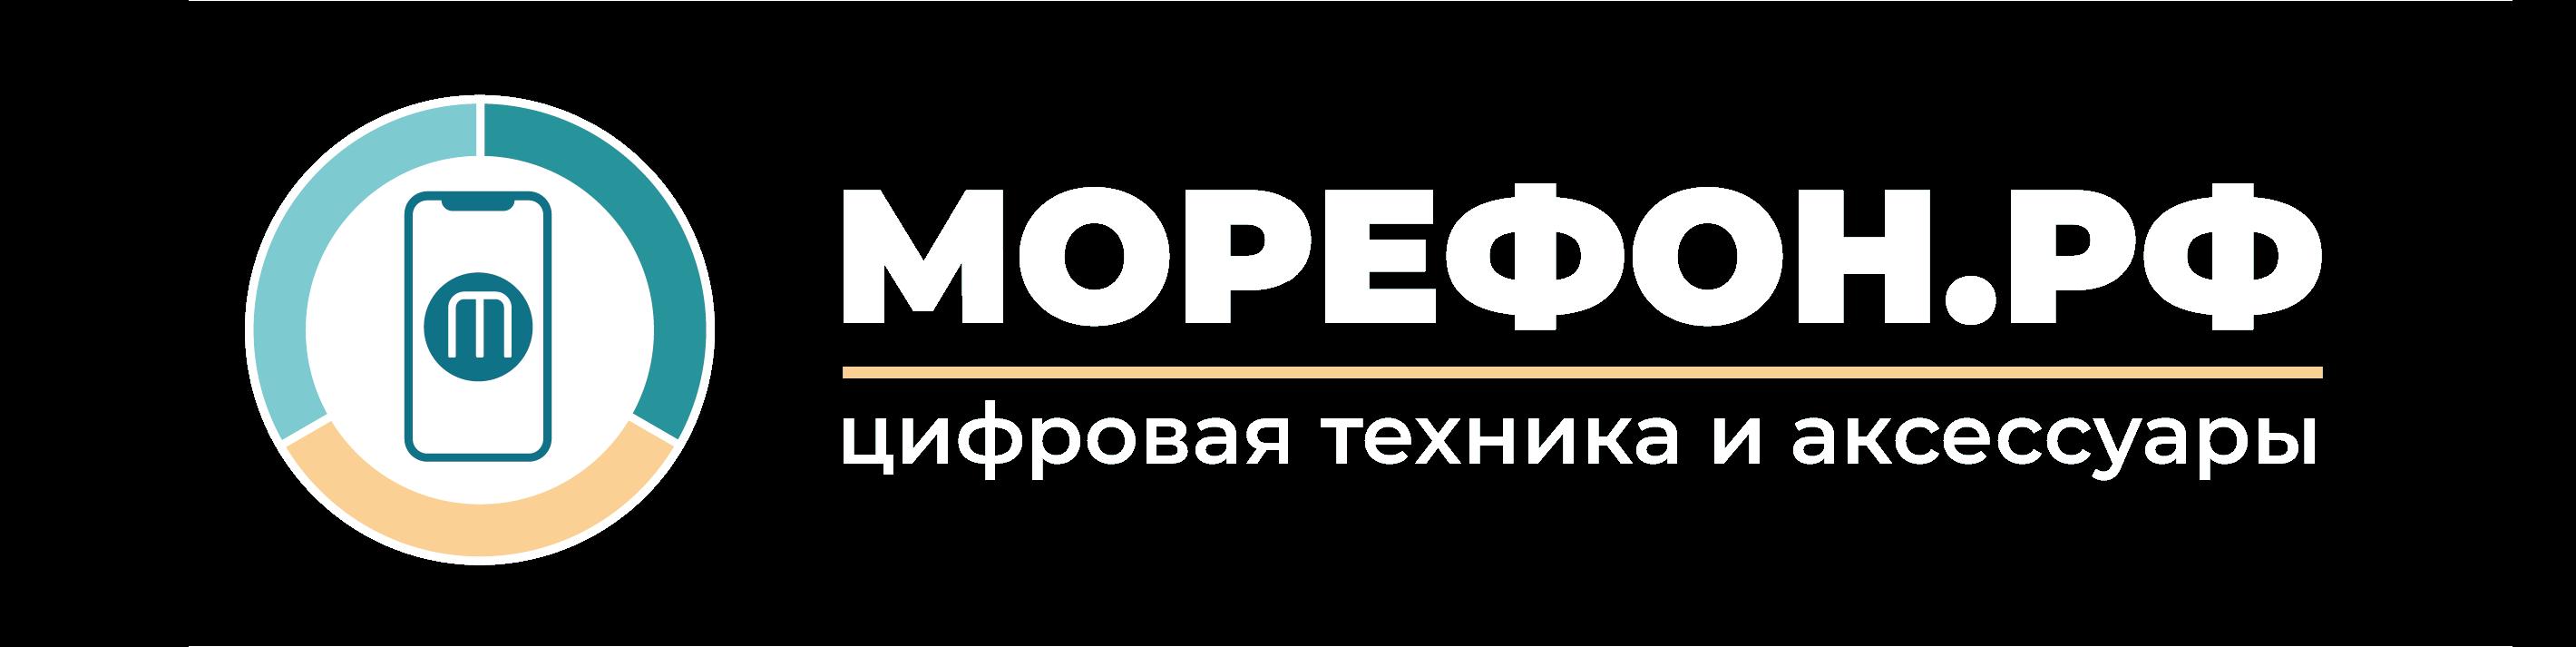 Магазин «МОРЕФОН.РФ»